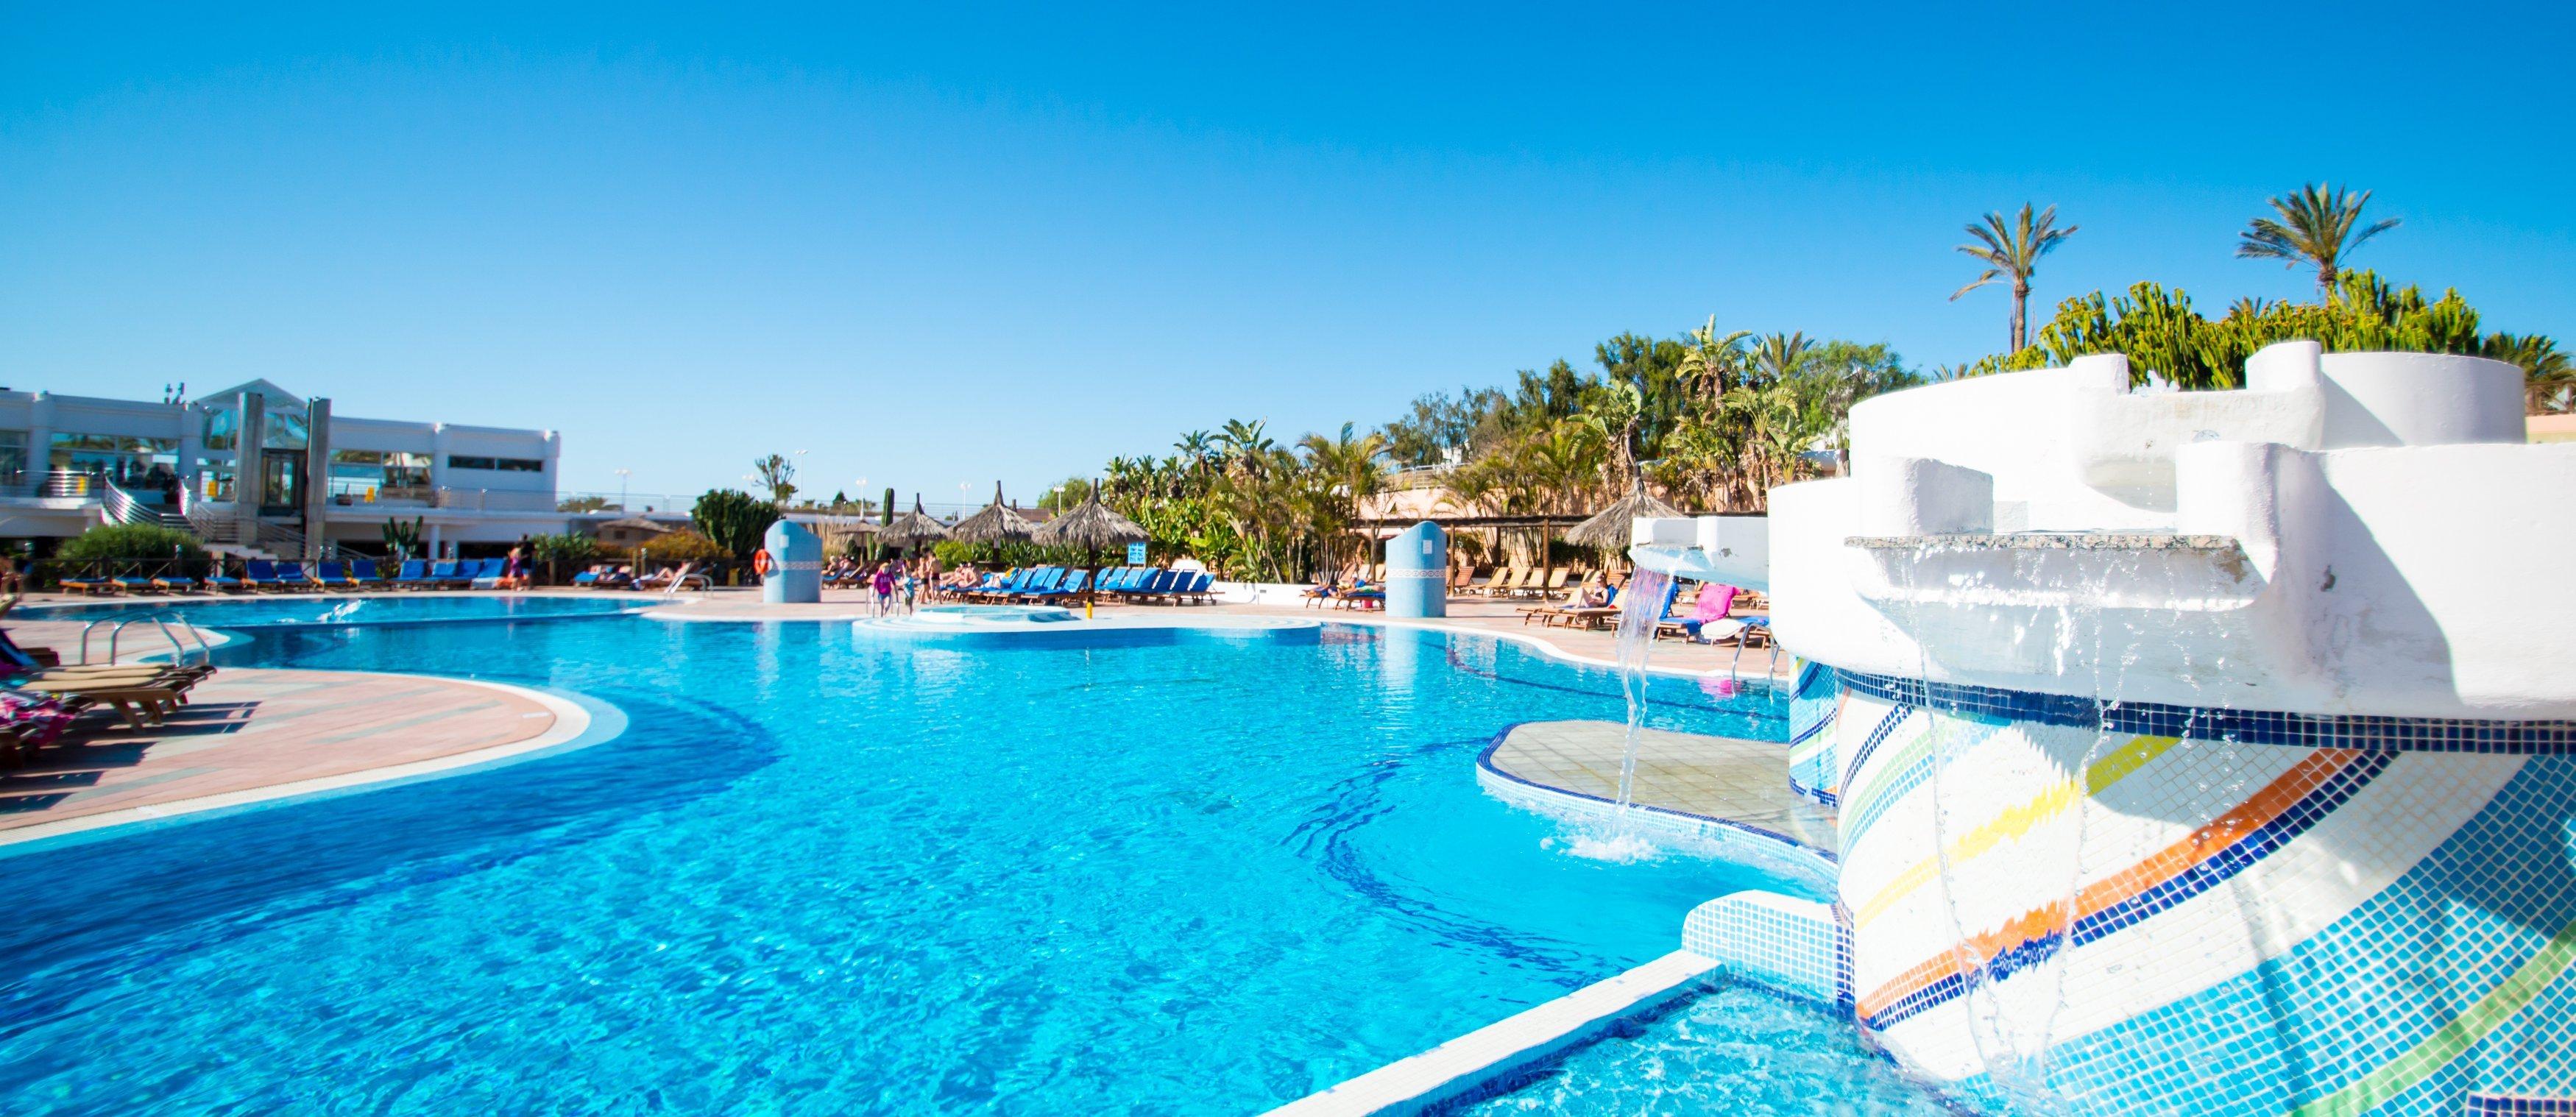 Hotel hl club playa blanca en lanzarote web oficial - Precios lanzarote ...